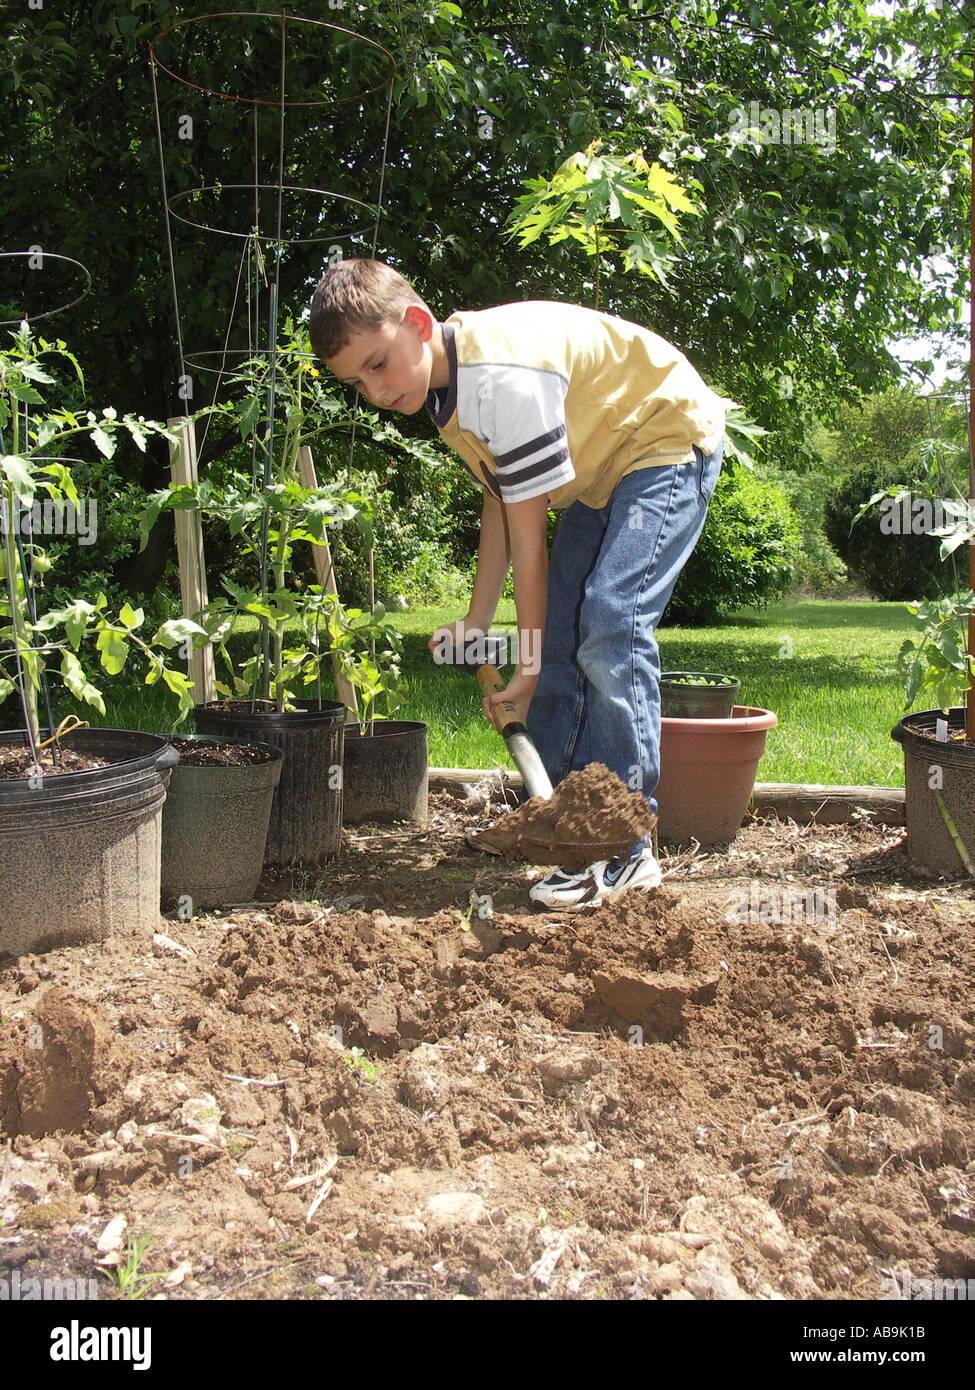 Digging in Garden Stock Photo